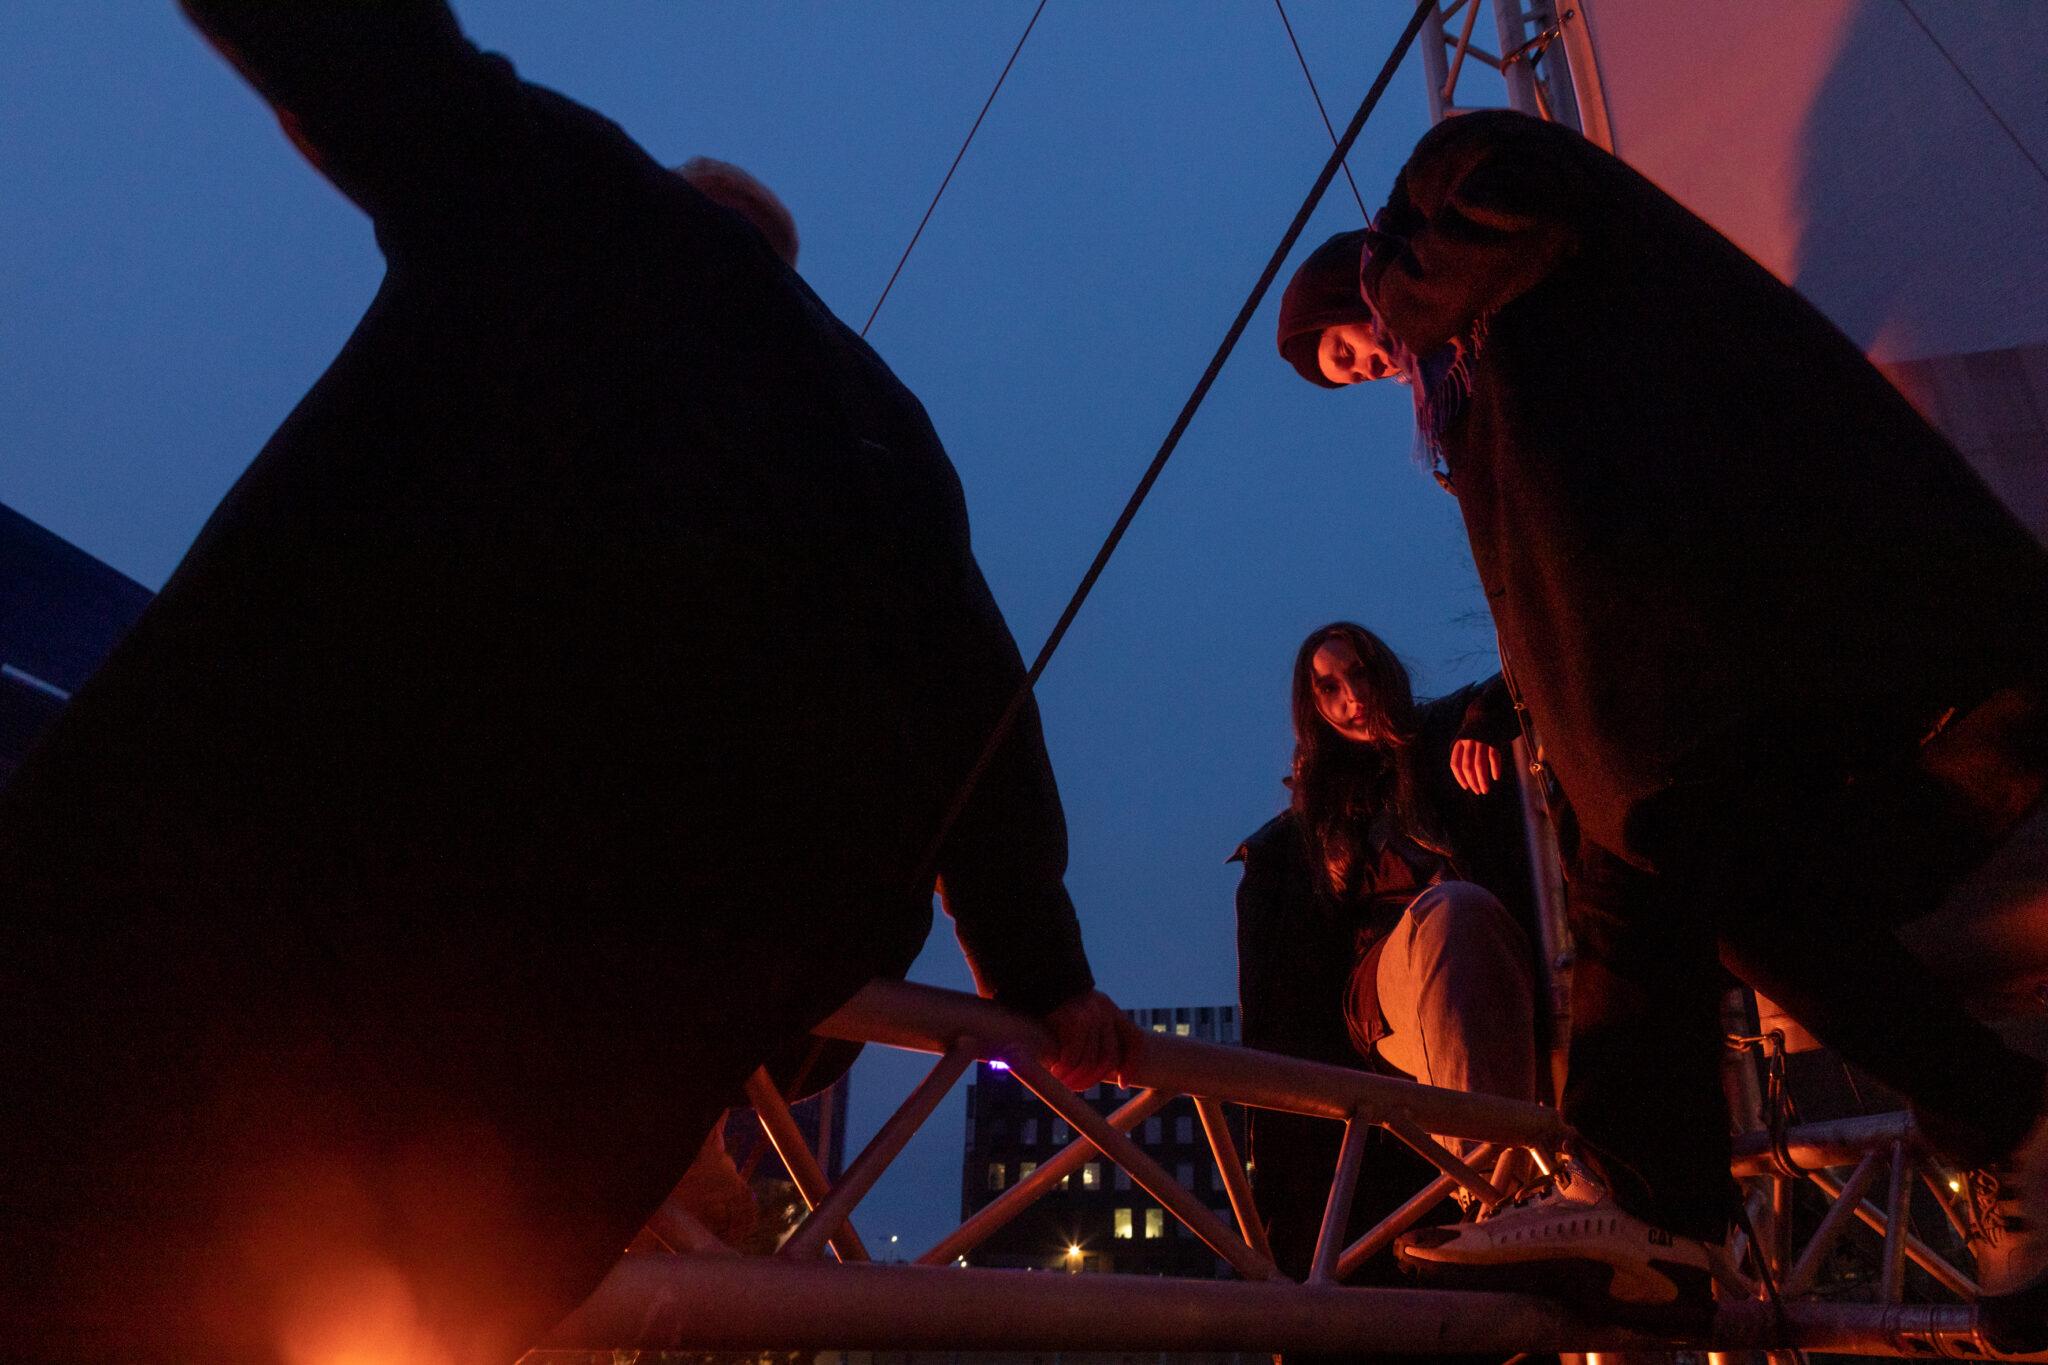 Yhtyeen jäsenet kuvattuna pimeää taivasta vasten. Taustalla kaupungin valoja.